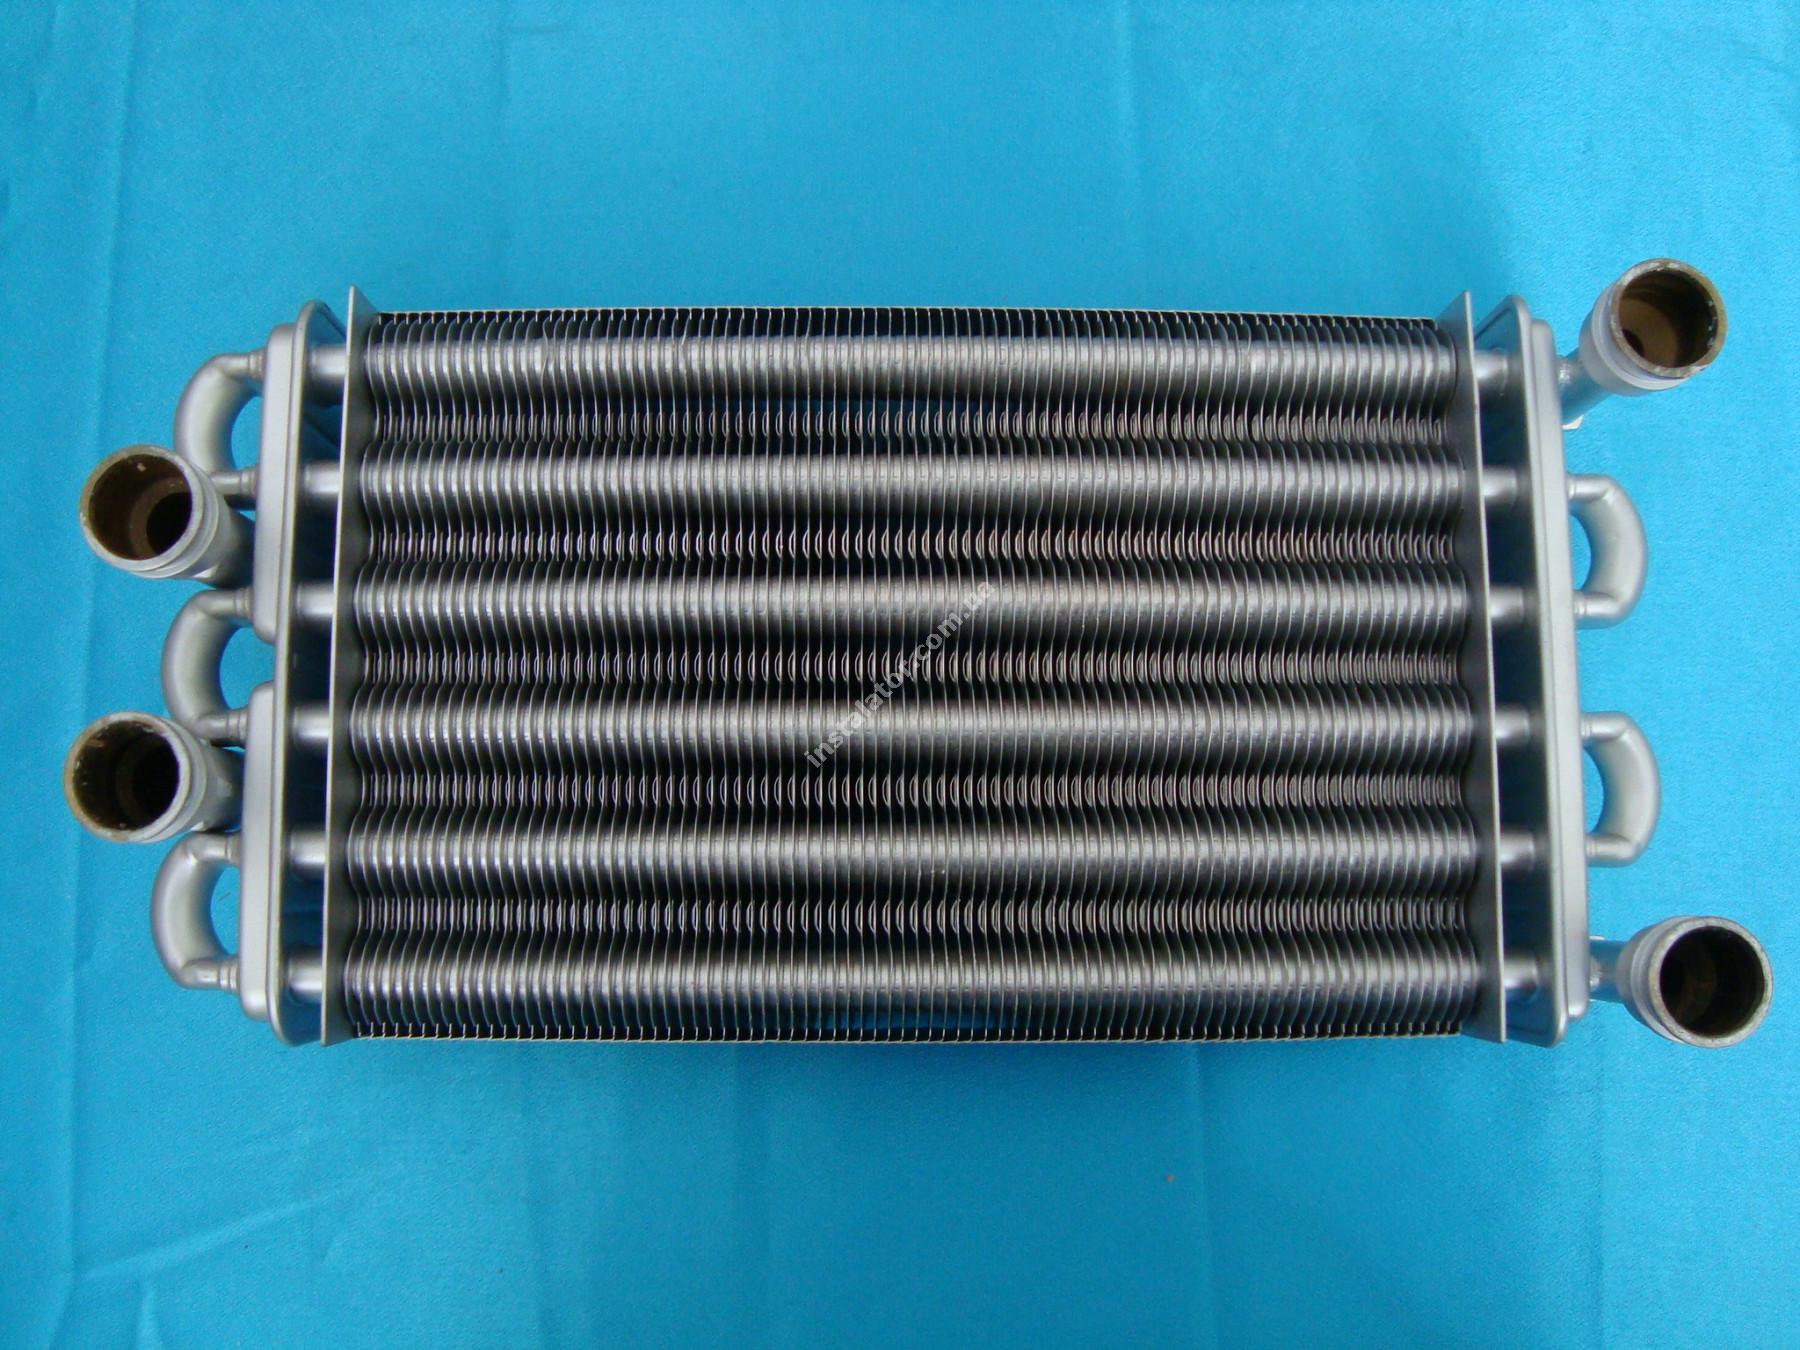 616170 Теплообмінник бітермічний BAXI WESTEN QUASAR full-image-1